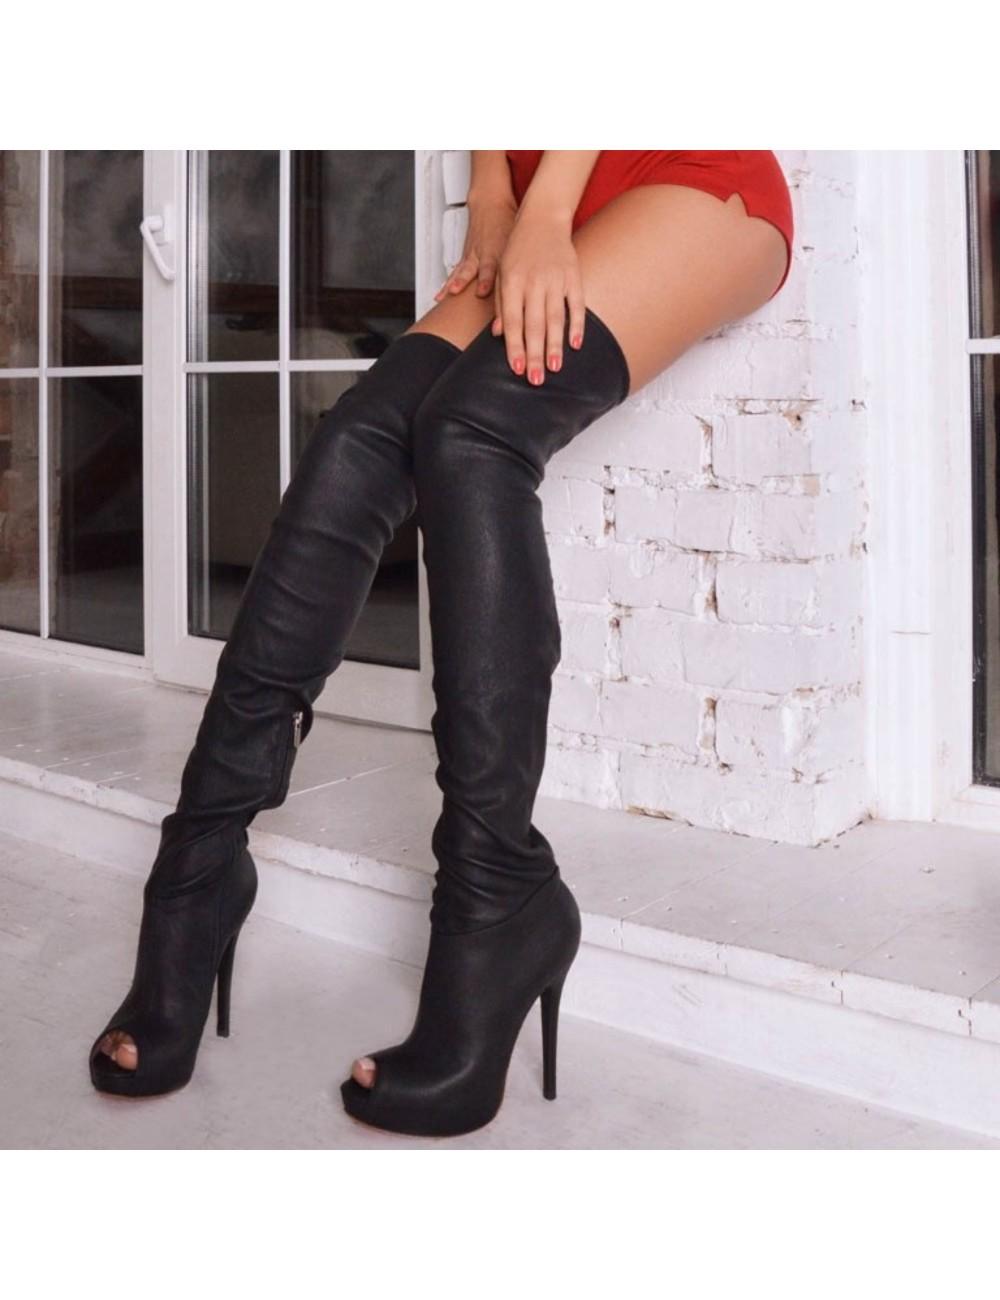 Yarose Shulzhenko Designer Italian stretch platform thigh boots in suede - Copy